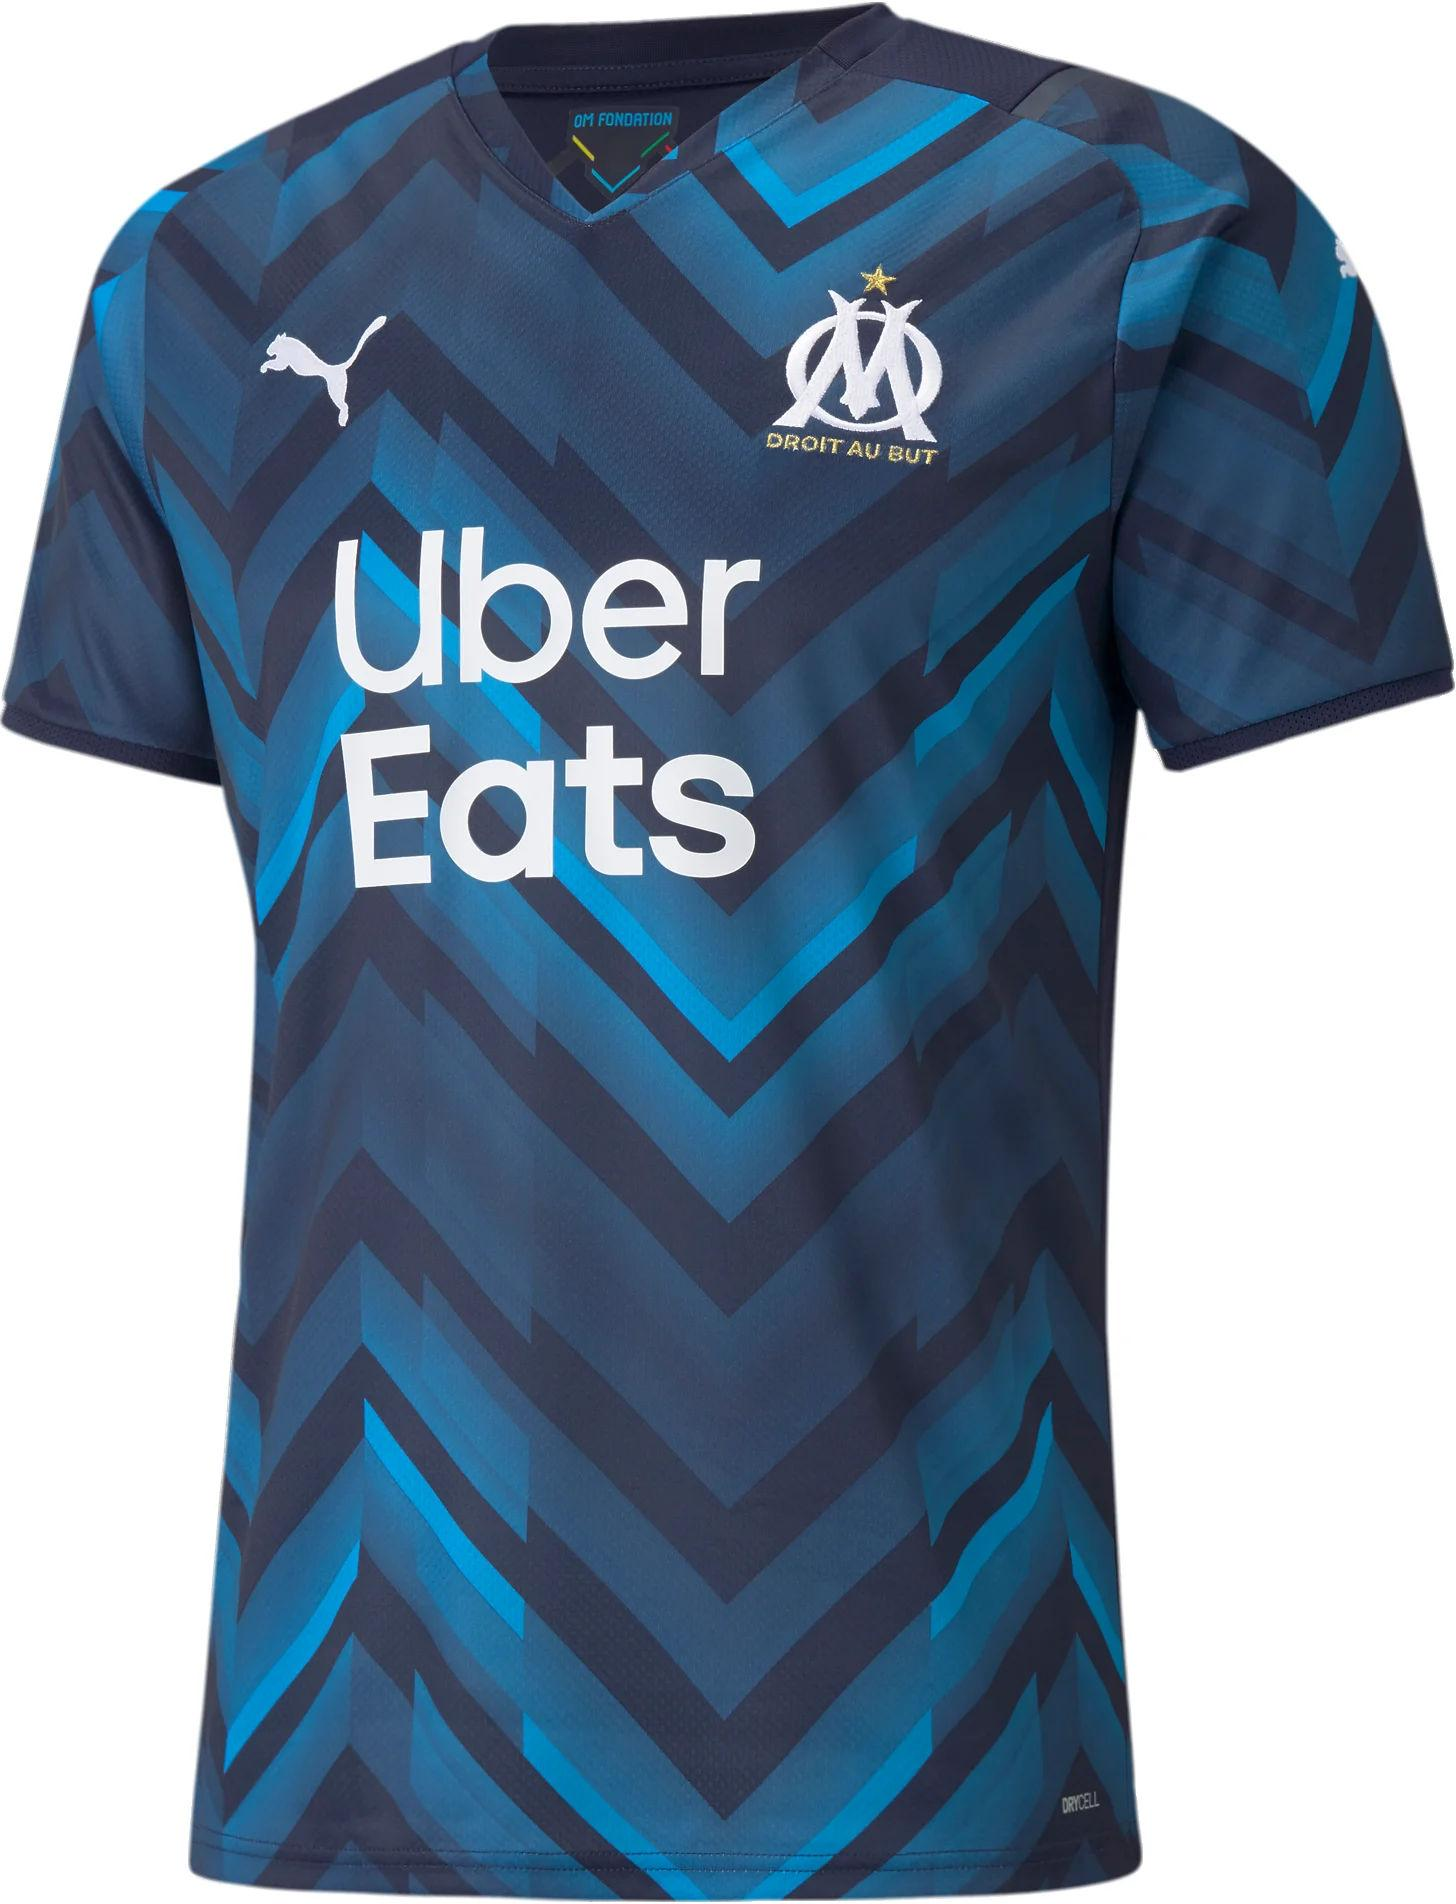 Shirt Puma OM AWAY Shirt Replica w/ Sp 2021/22